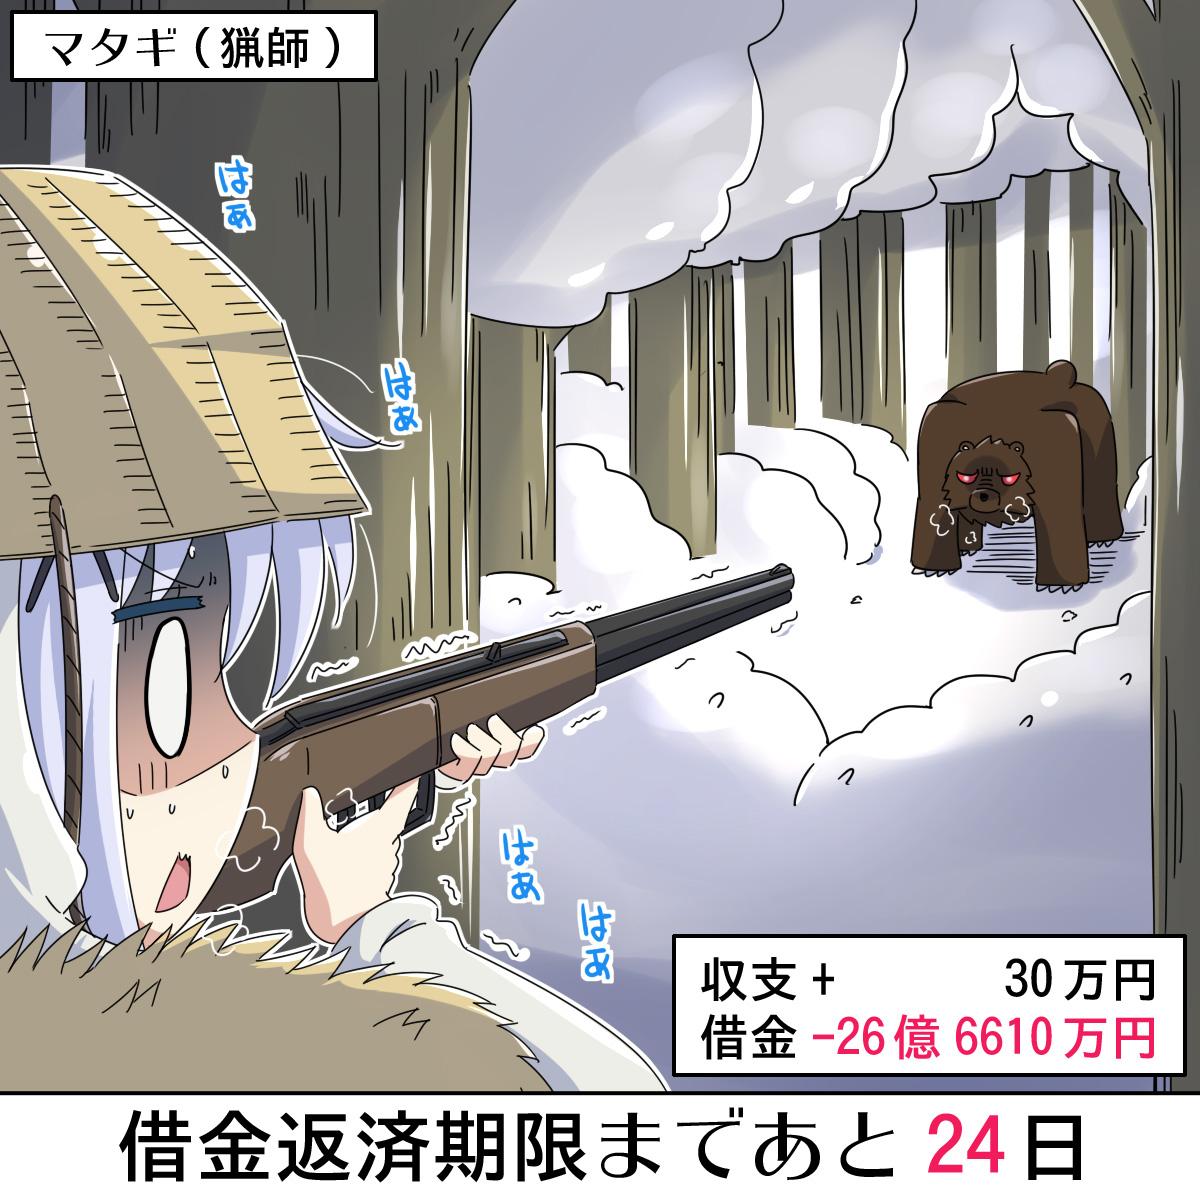 [ごちうさ]30億円の借金を返済するチノちゃん 6日目 #gochiusa #30億チノ